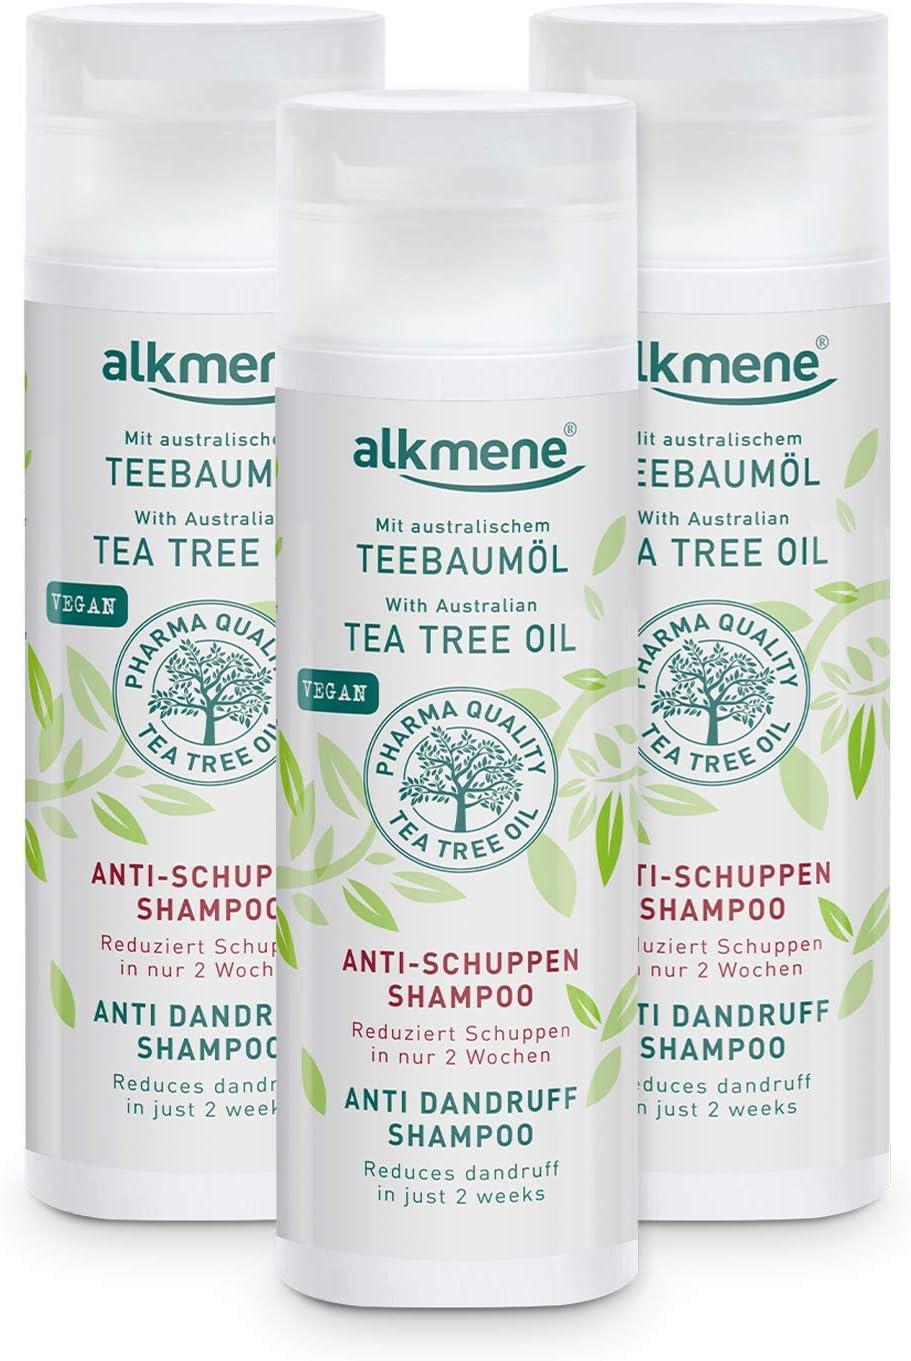 alkmene champú anticaspa con aceite de árbol de té - Reduce la caspa en sólo dos semanas - champú para el cabello vegano - champú anticaspa en un pack de 3 (3x